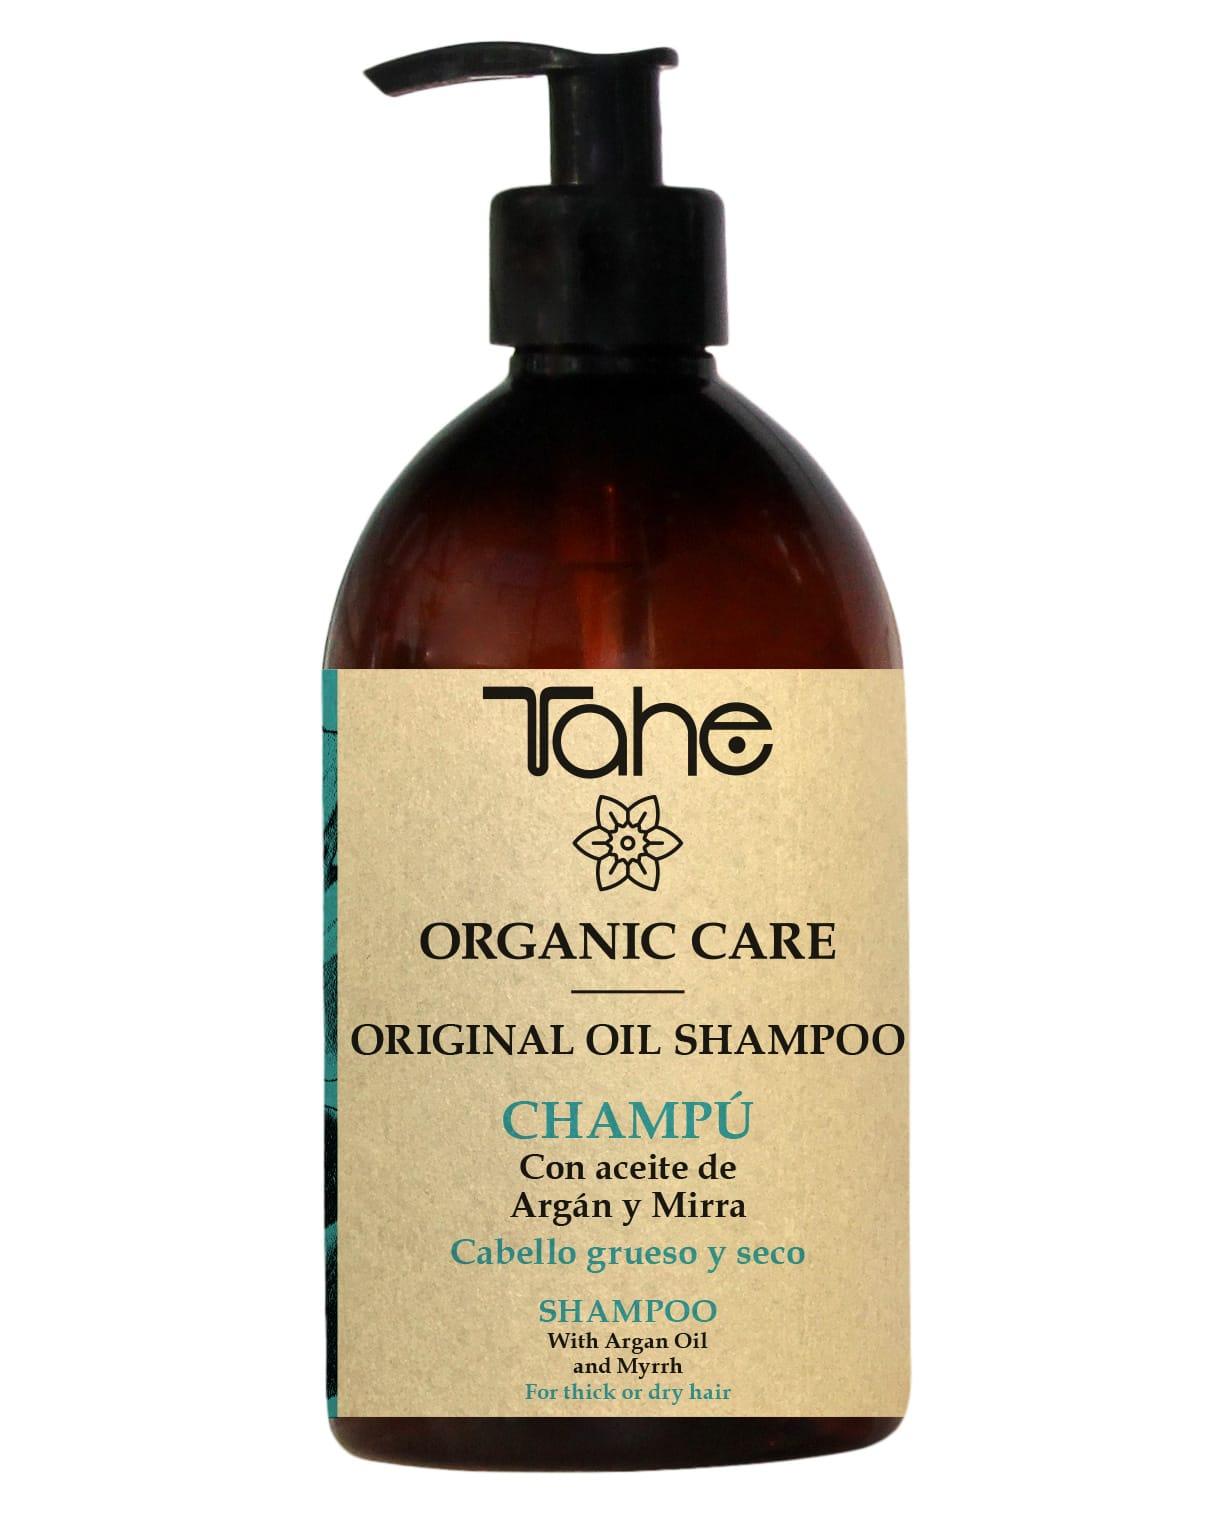 Tahe Organic Care Shampooing Original Oil cheveux épais et secs 500ml